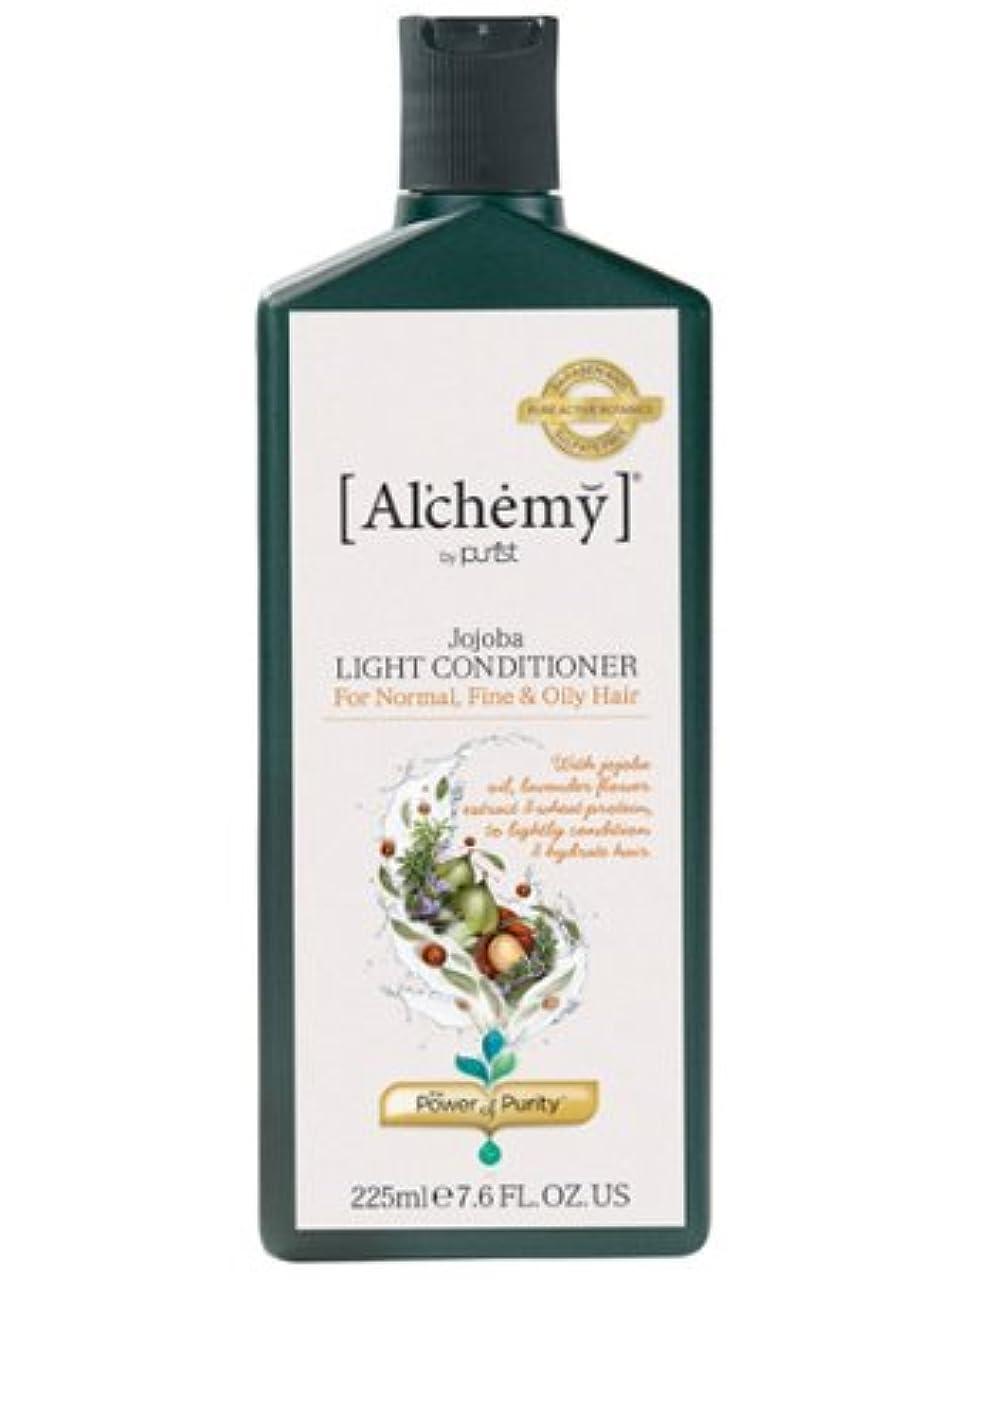 ハーブ悲劇的な反発【Al'chemy(alchemy)】アルケミー ホホバライト コンディショナー(Jojoba, Light Conditioner)(ノーマルヘア用)225ml